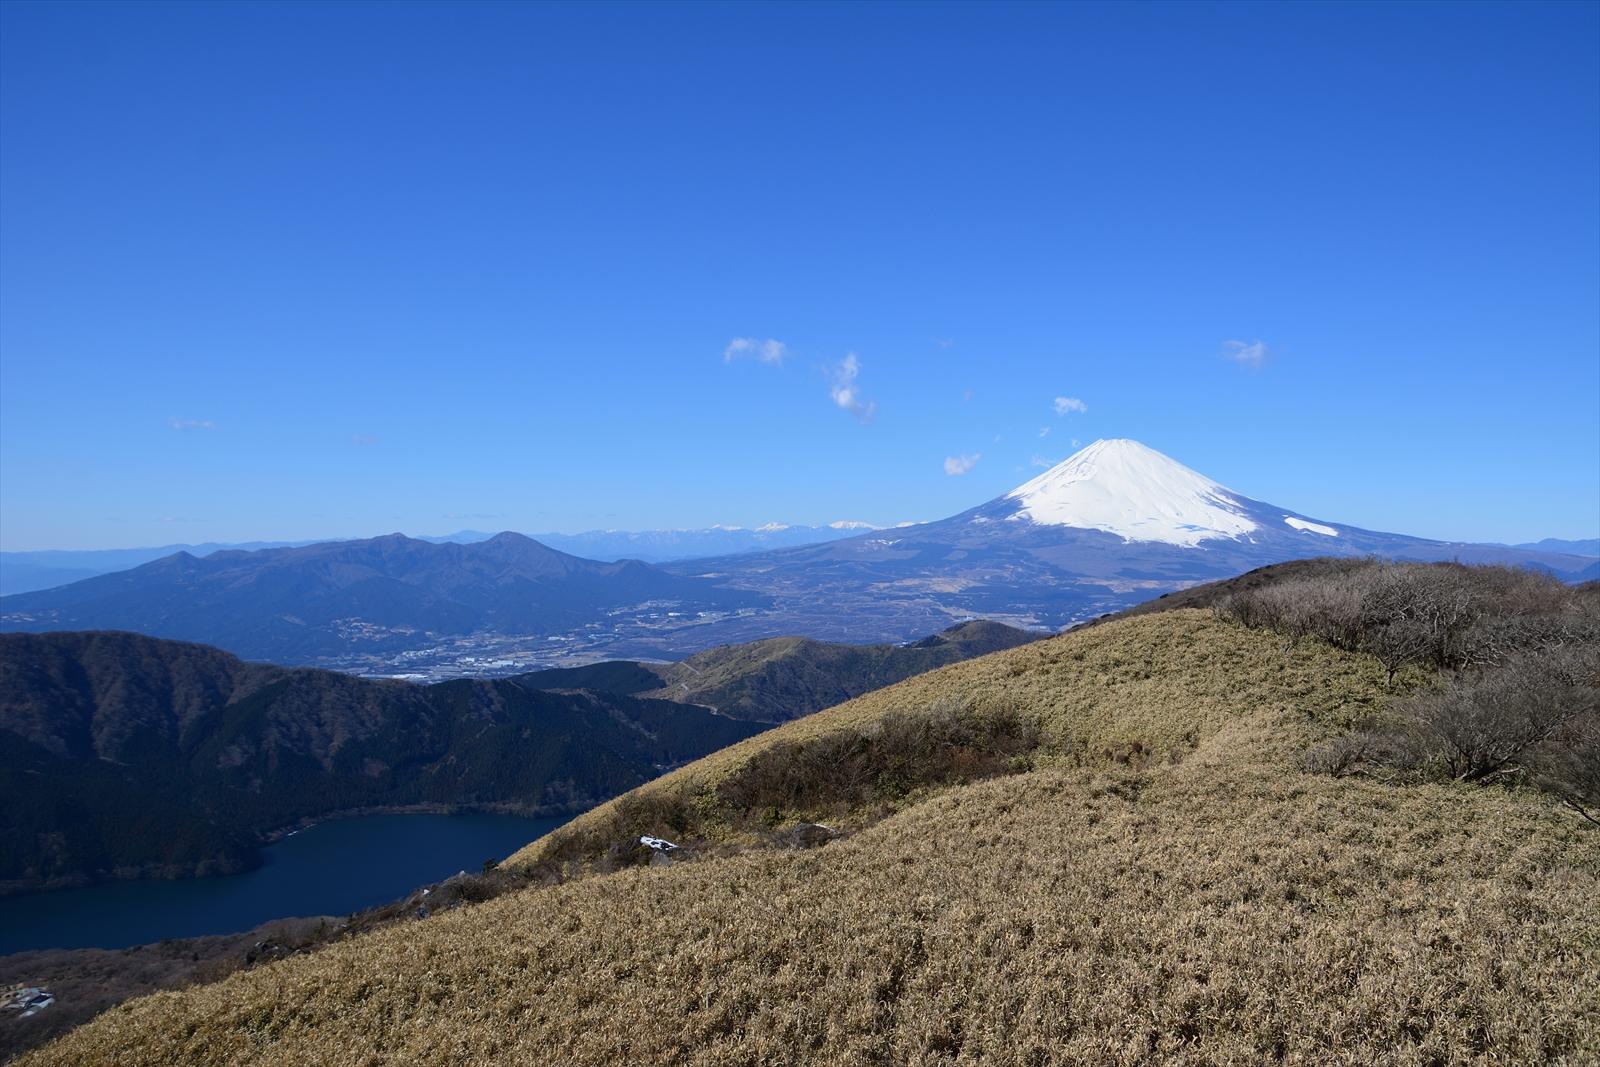 箱根駒ヶ岳山頂から見た富士山と赤石山脈